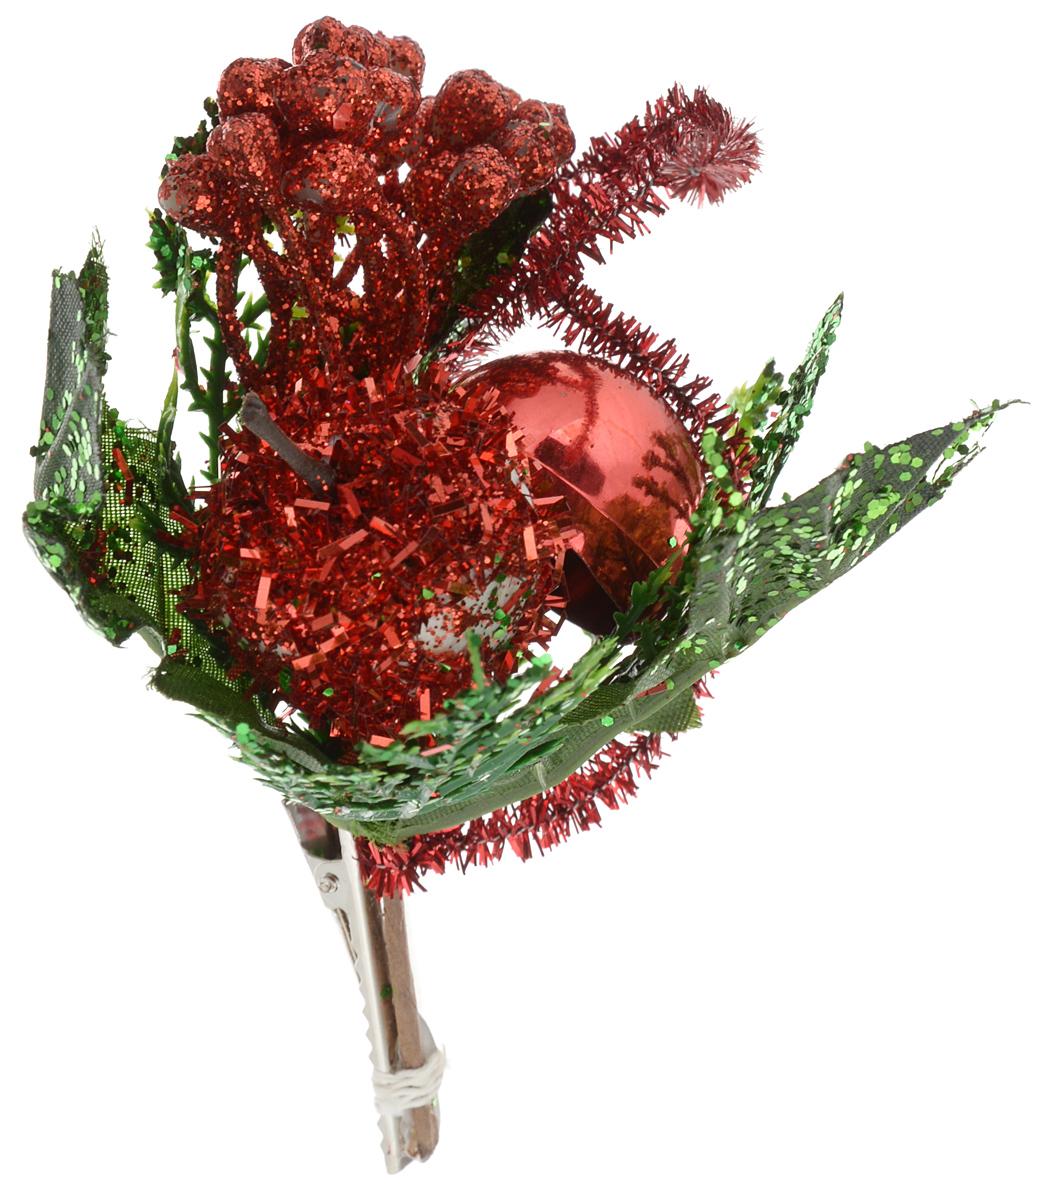 Украшение новогоднее Феникс-Презент Яблоко красное с лепестками, на клипсе, 12 x 9 см42497Новогоднее украшение Феникс-Презент Яблоко красное с лепестками выполнено из поливинилхлорида в форме веточки с яблоком. Изделие крепится с помощью клипсы. Украшение можно прикрепить в любом понравившемся вам месте. Но, конечно, удачнее всего оно будет смотреться на праздничной елке.Елочная игрушка - символ Нового года. Она несет в себе волшебство и красоту праздника. Создайте в своем доме атмосферу веселья и радости, украшаяновогоднюю елку нарядными игрушками, которые будут из года в год накапливать теплоту воспоминаний.Материал: поливинилхлорид. Размеры: 12 х 9 см.